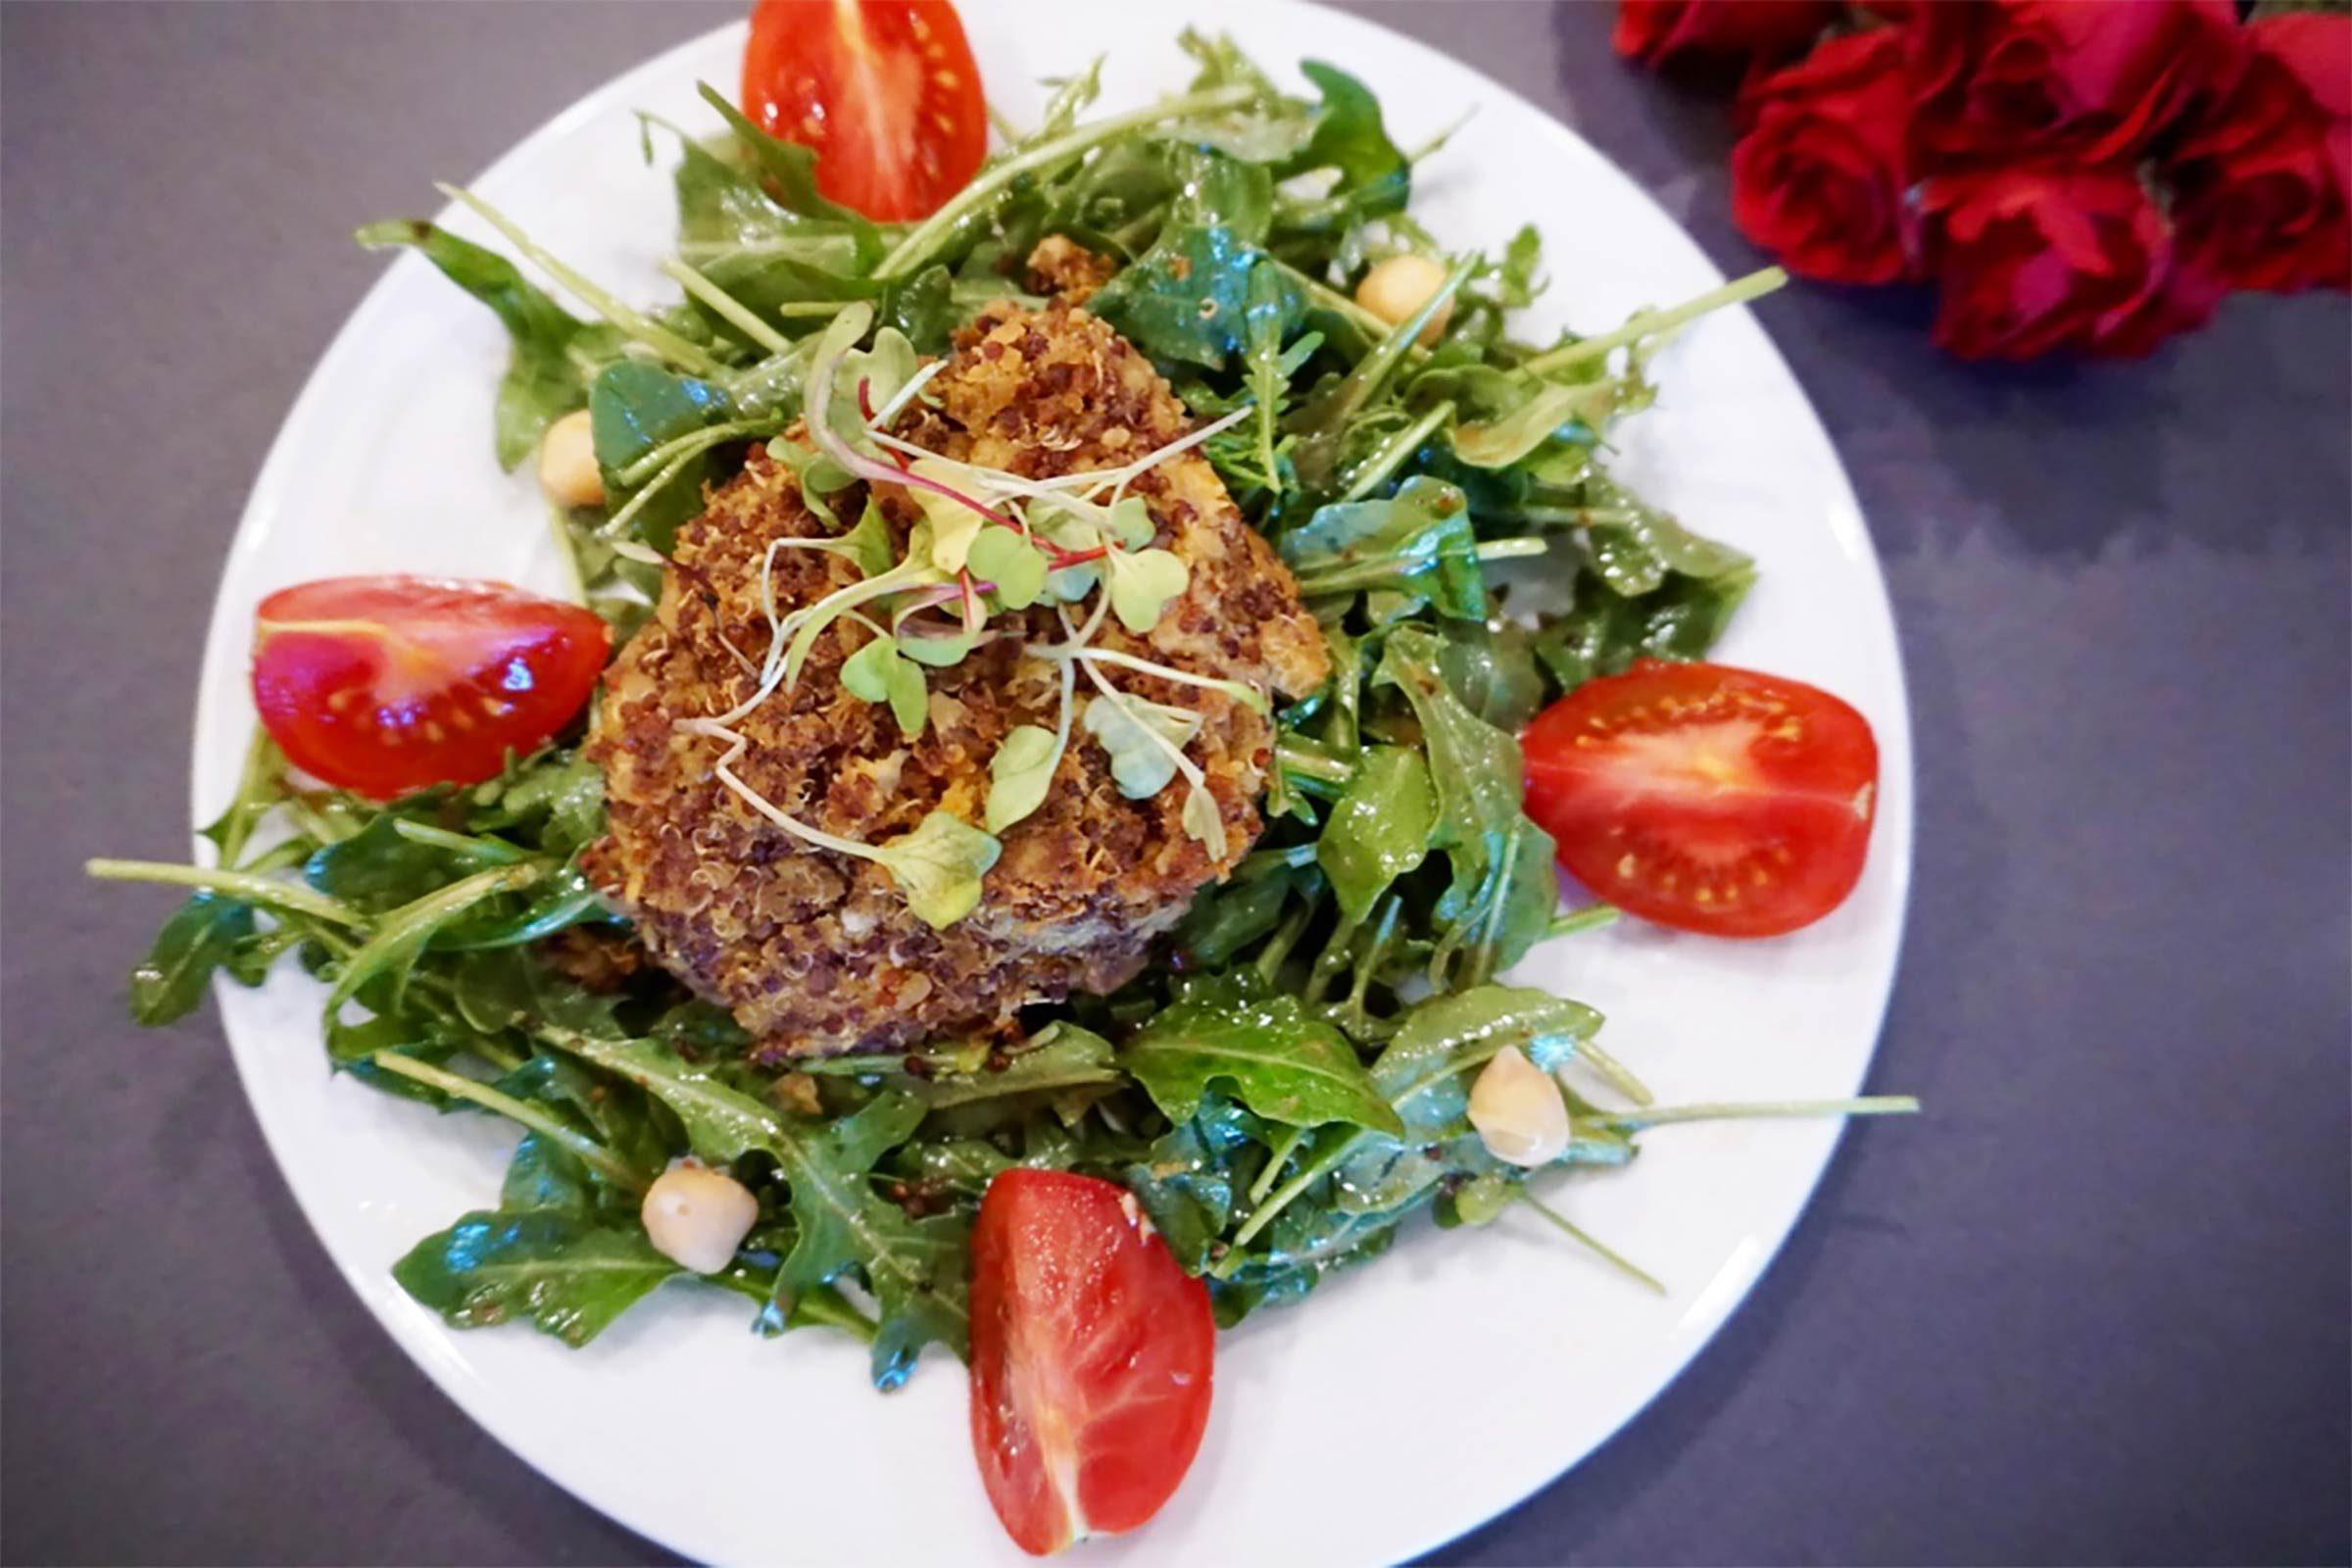 Lunch santé: Gâteaux de quinoa végétaliens